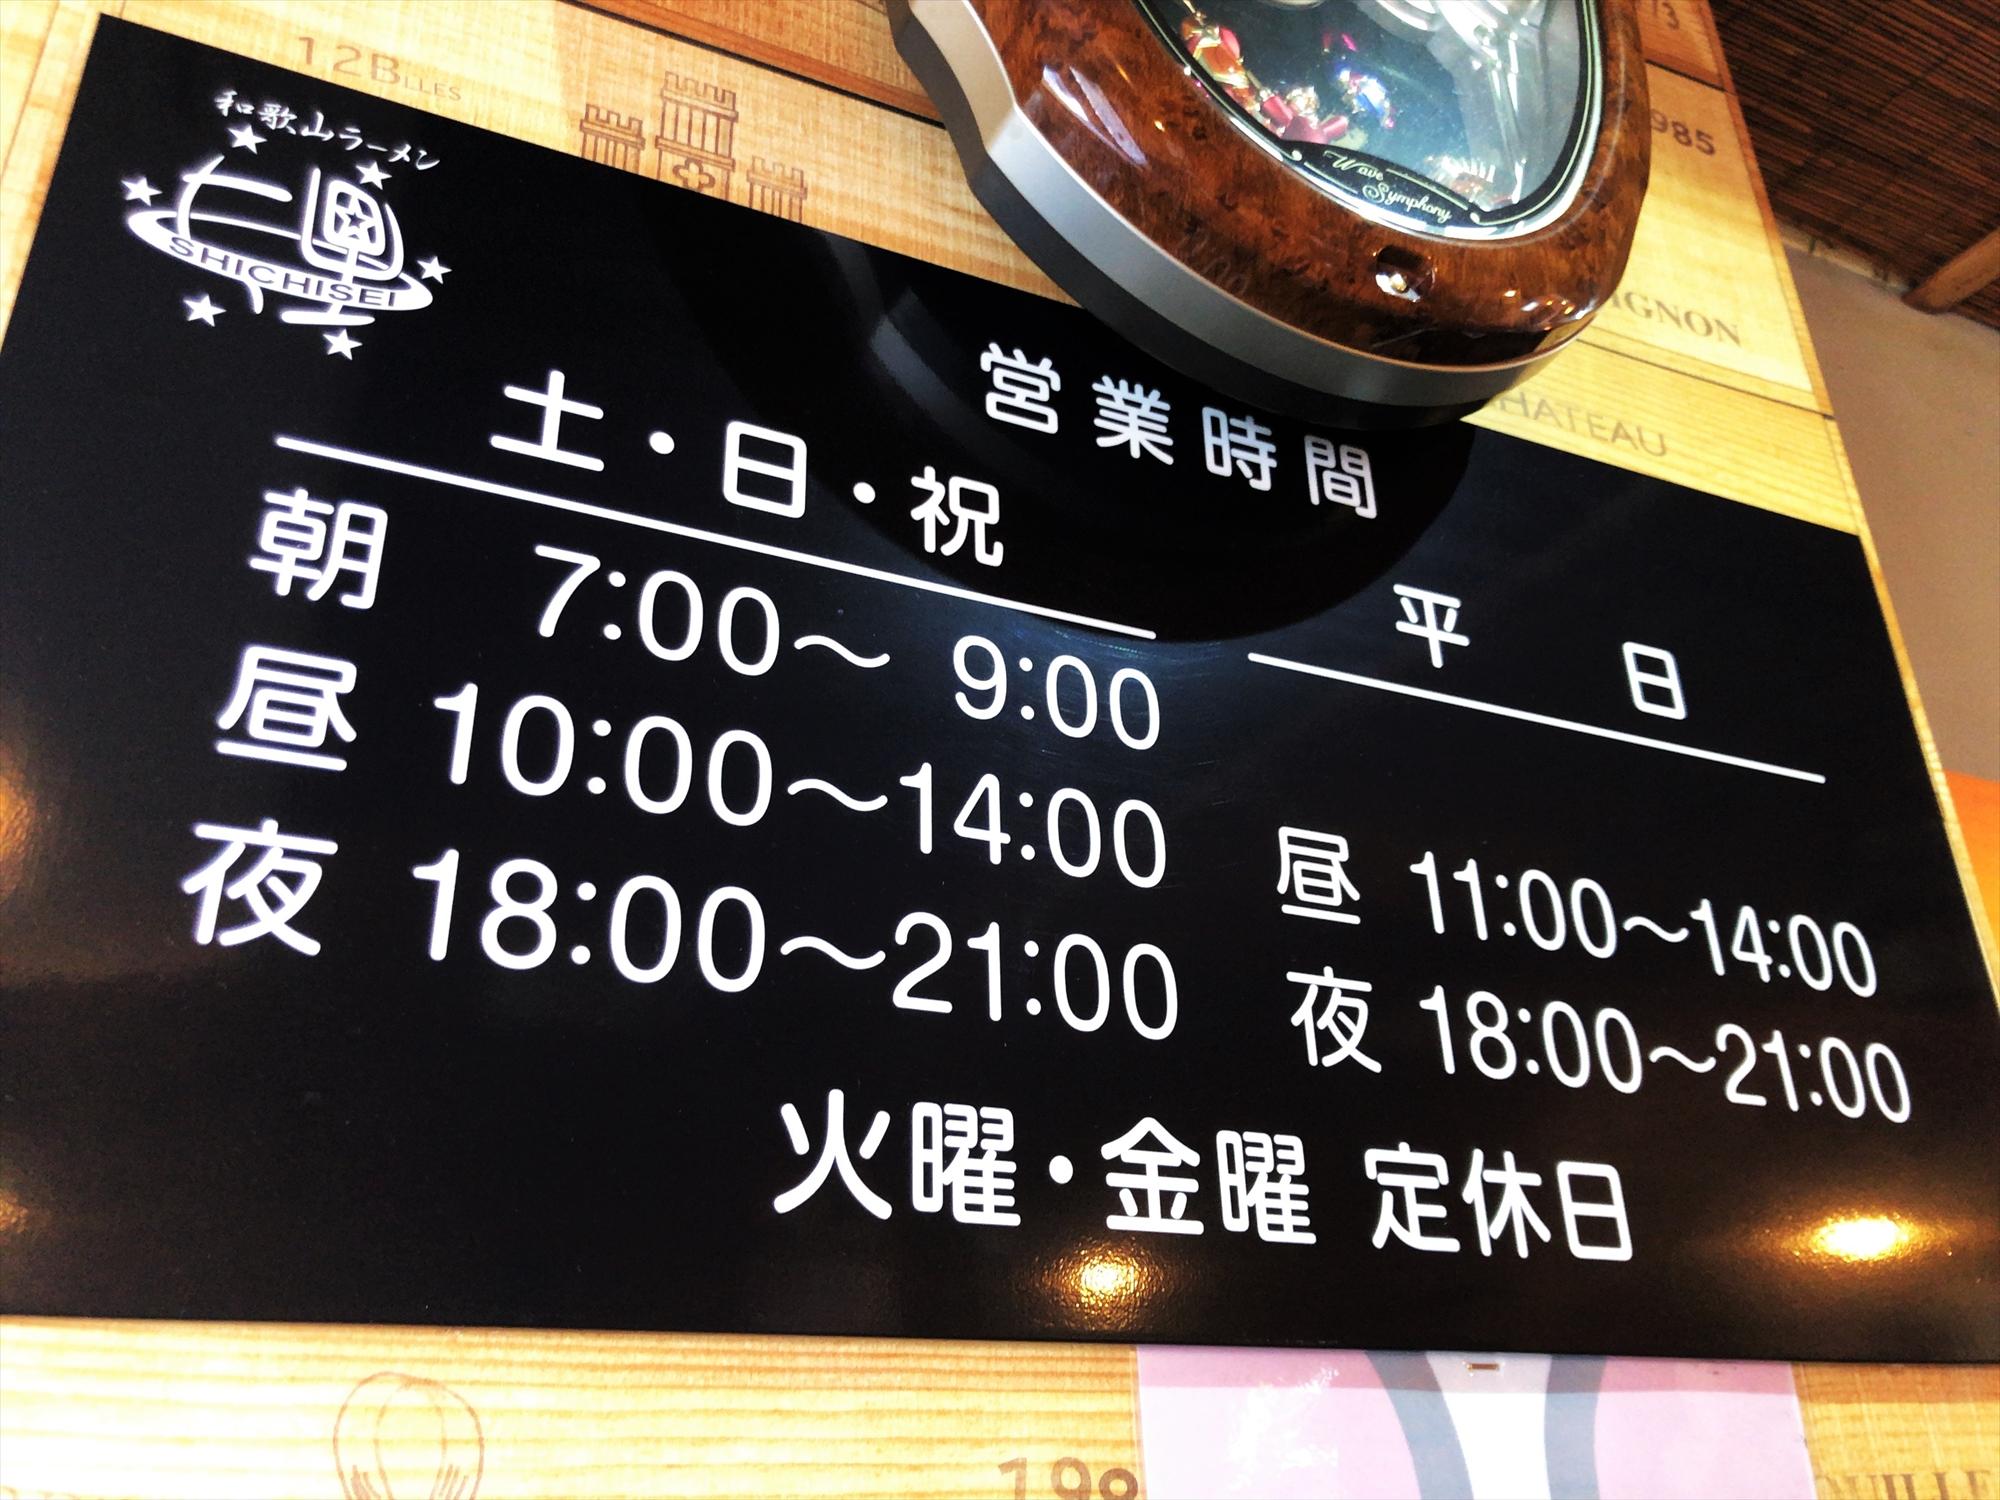 和歌山ラーメン 七星の営業時間